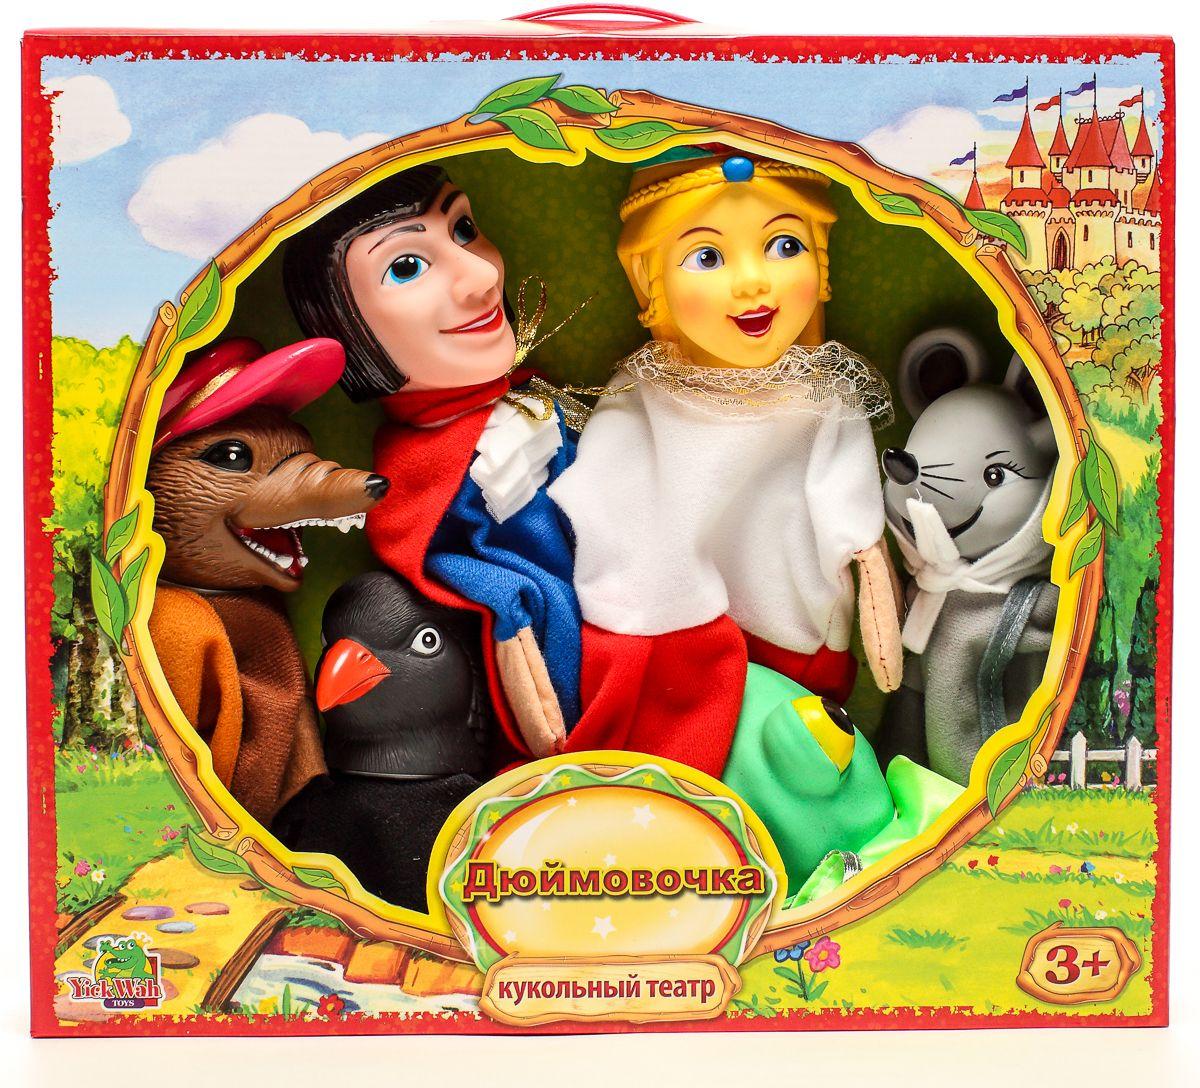 Yick Wah Кукольный театр Дюймовочка7142/10SКукольный театр создан на основе всем известной сказки.Набор состоит из 6-и кукол-марионеток большого размера,одевающихся на кисть руки.Куклы обладают высокой прочностью,безопасностью.Доставляют малышам масс приятных и радостных эмоций